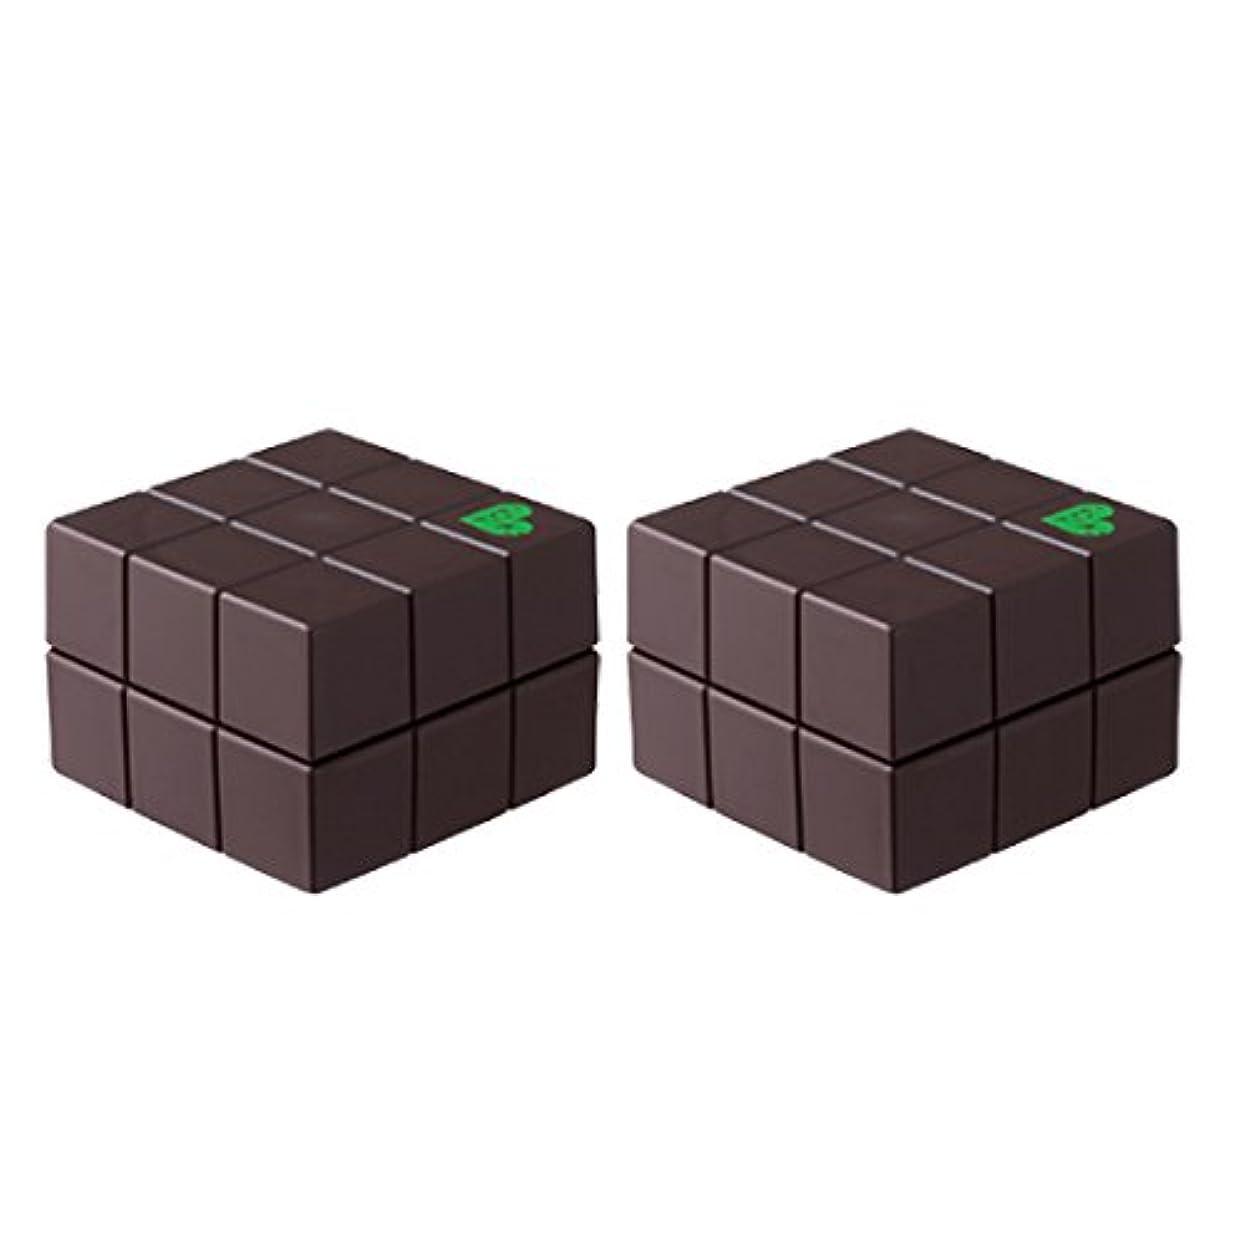 十二深い成人期【x2個セット】 アリミノ ピース プロデザインシリーズ ハードワックス チョコ 40g